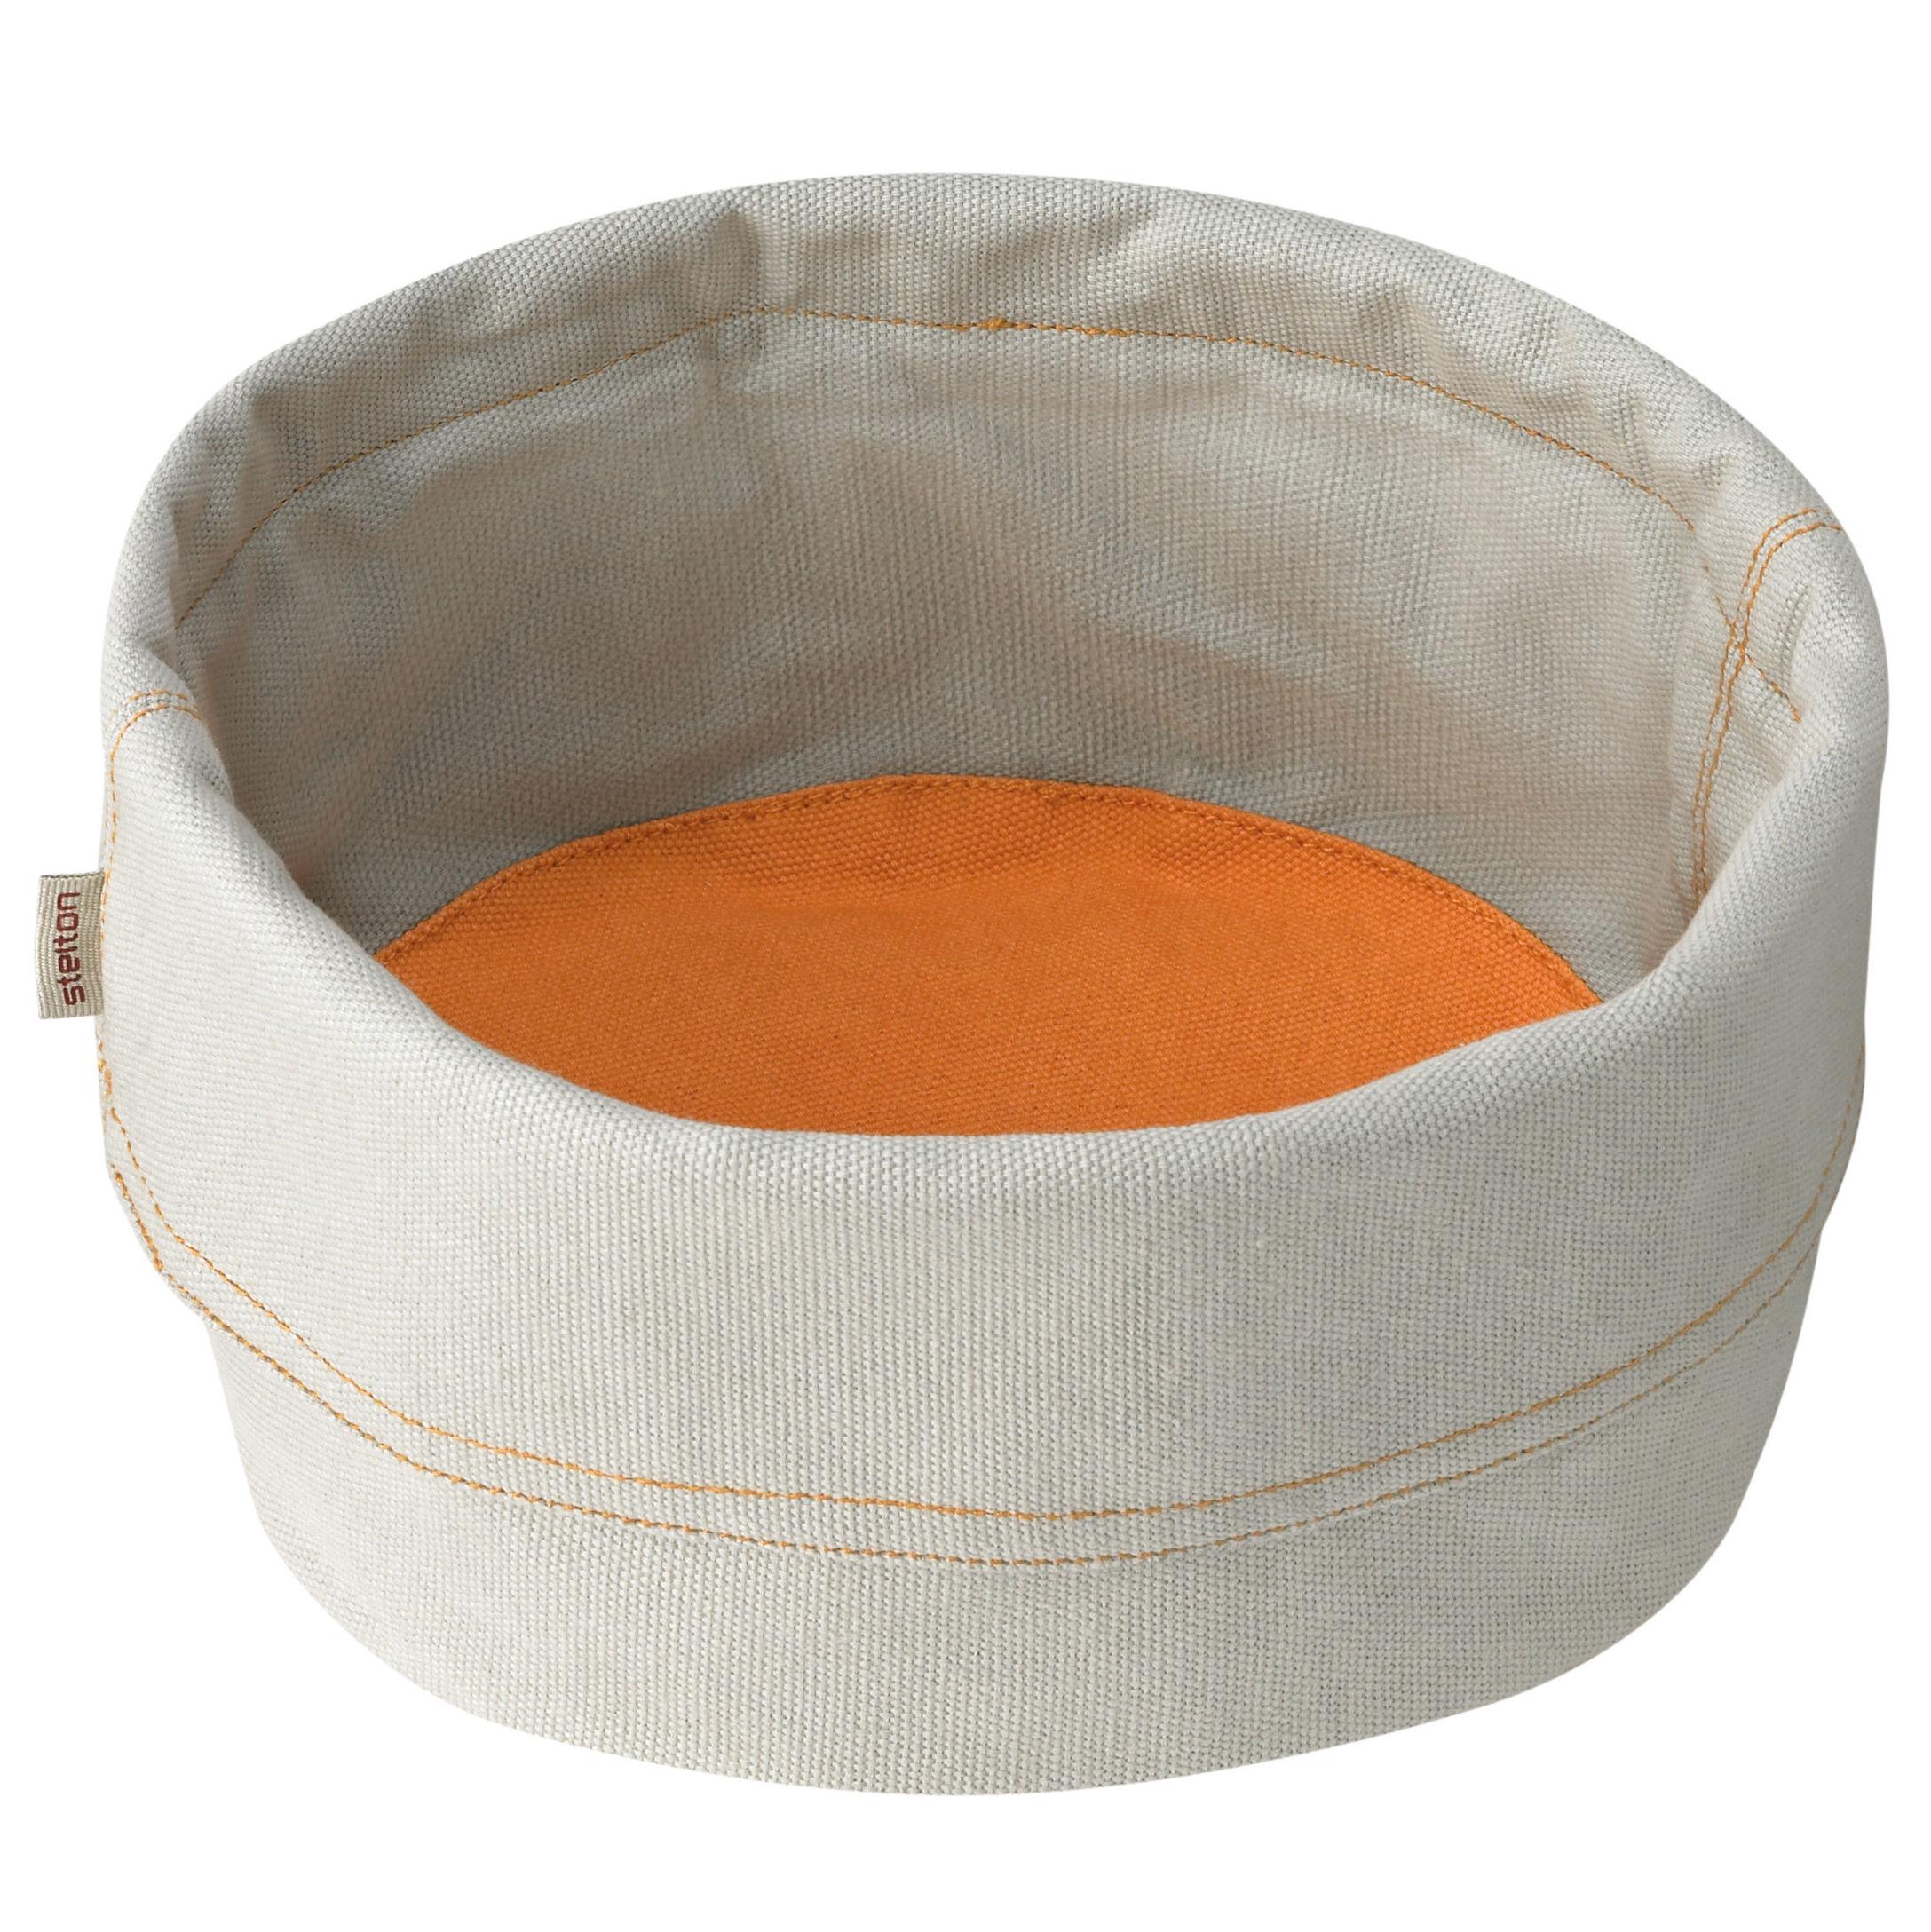 Tischkultur - Körbe, Fruchtkörbe und Tischgestecke - Bread Bag Brotkorb - Stelton - Grau / Safran-Orange - Coton biologique